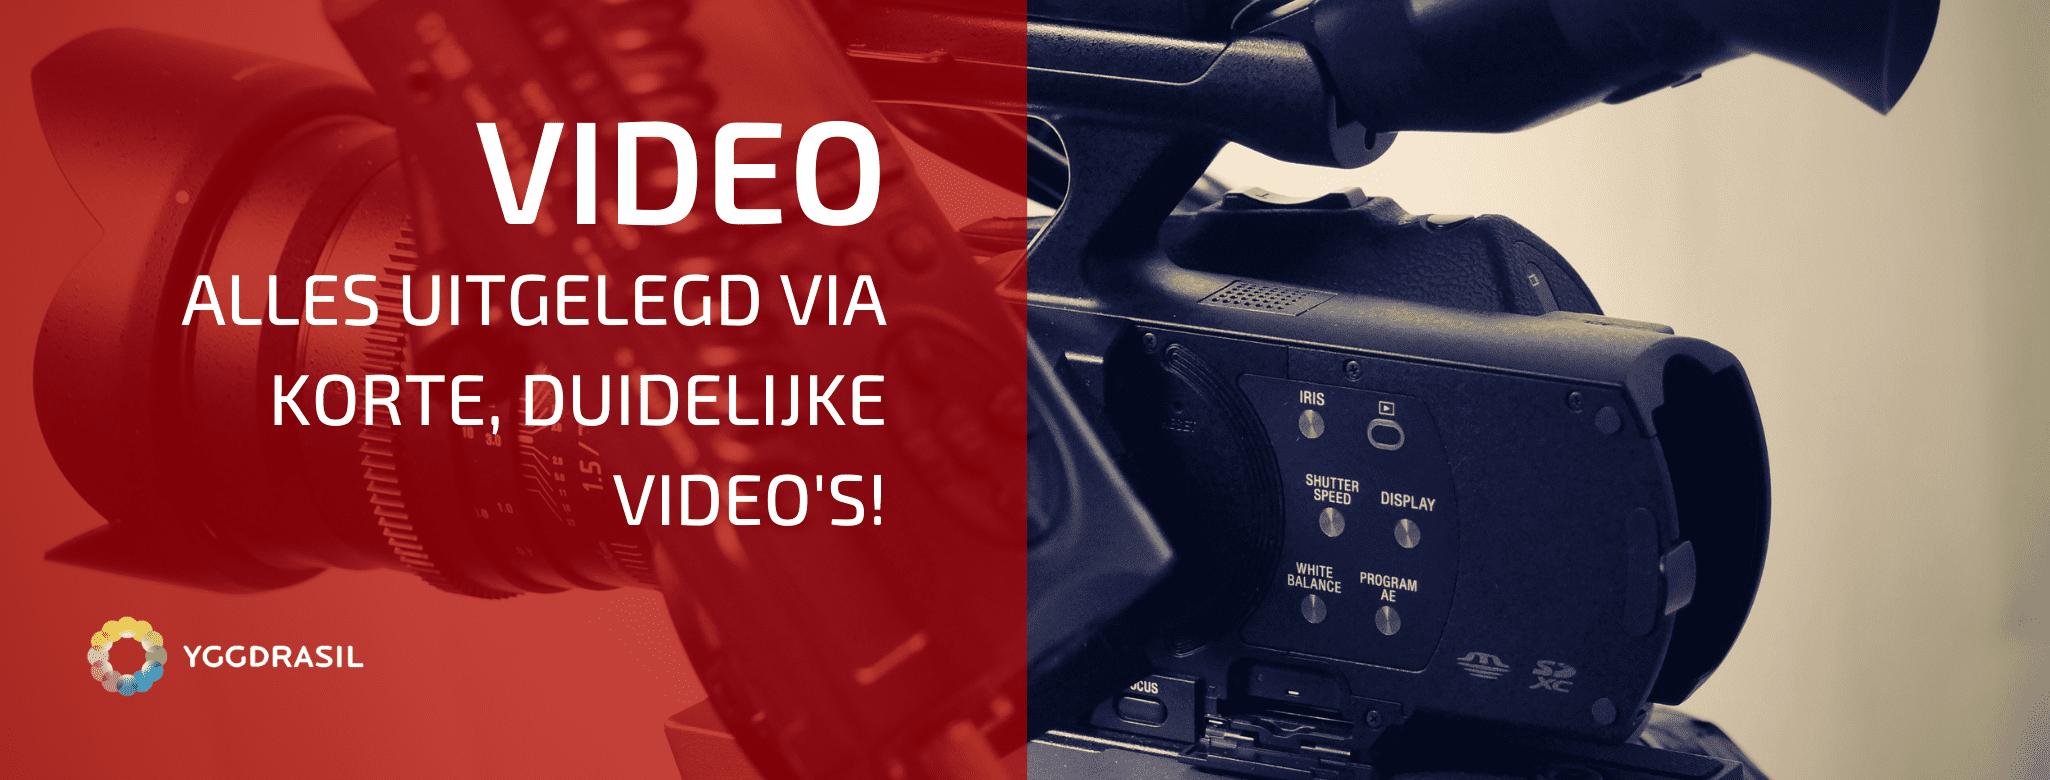 Leren Via Video: Interesse?